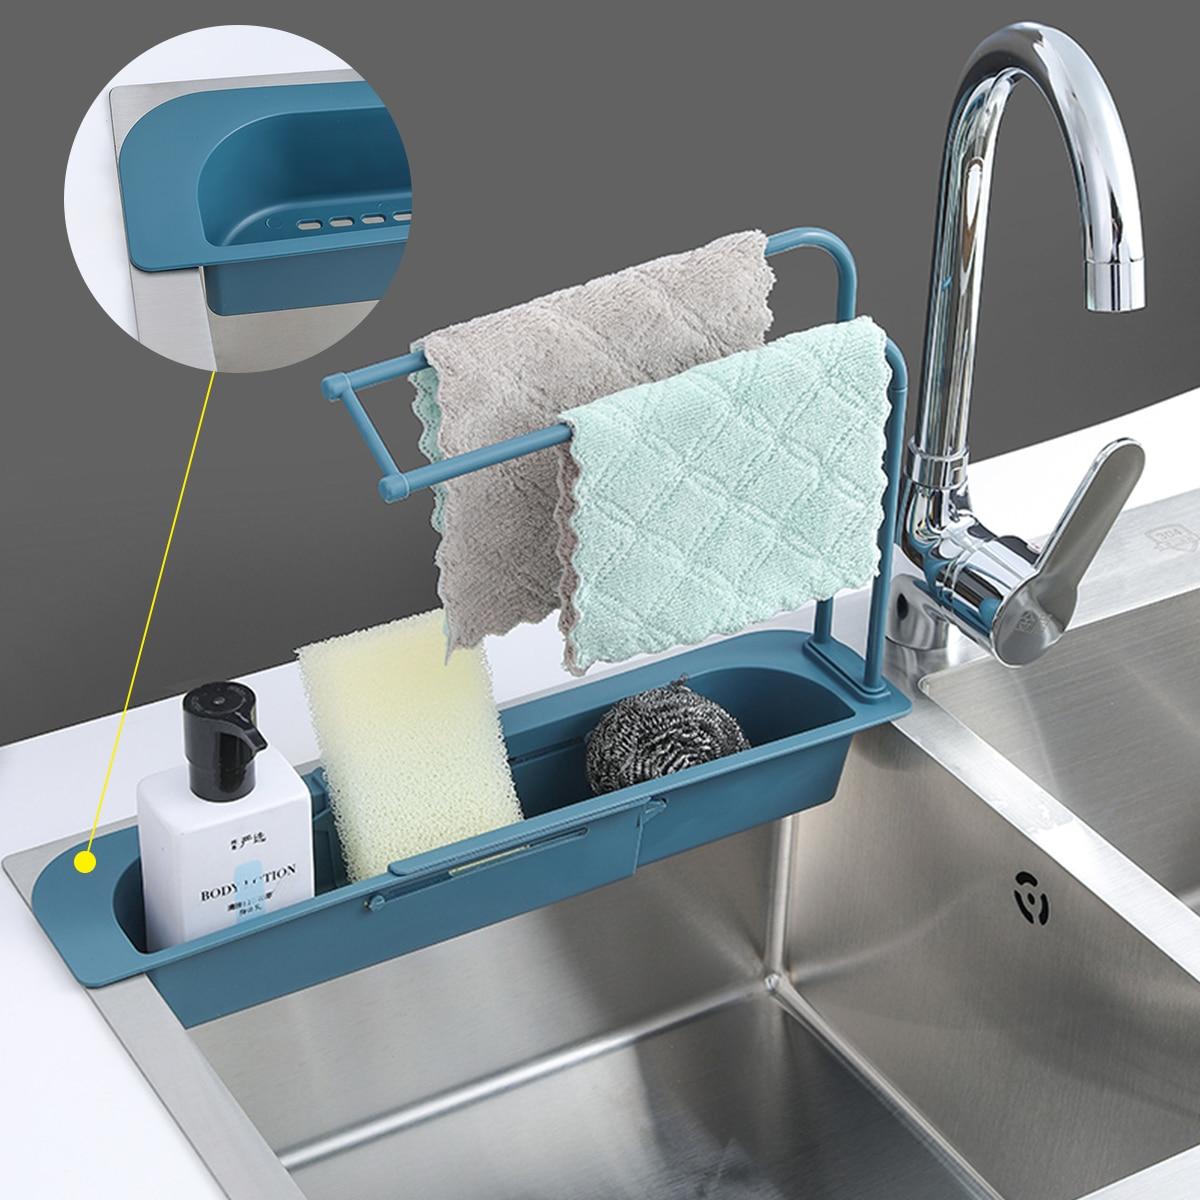 Kuchnia teleskopowy zlew Rack kuchnia ociekacz ze stojakiem przechowywania kosz torba uchwyt kran regulowany uchwyt łazienkowy zlew kuchnia narzędzie